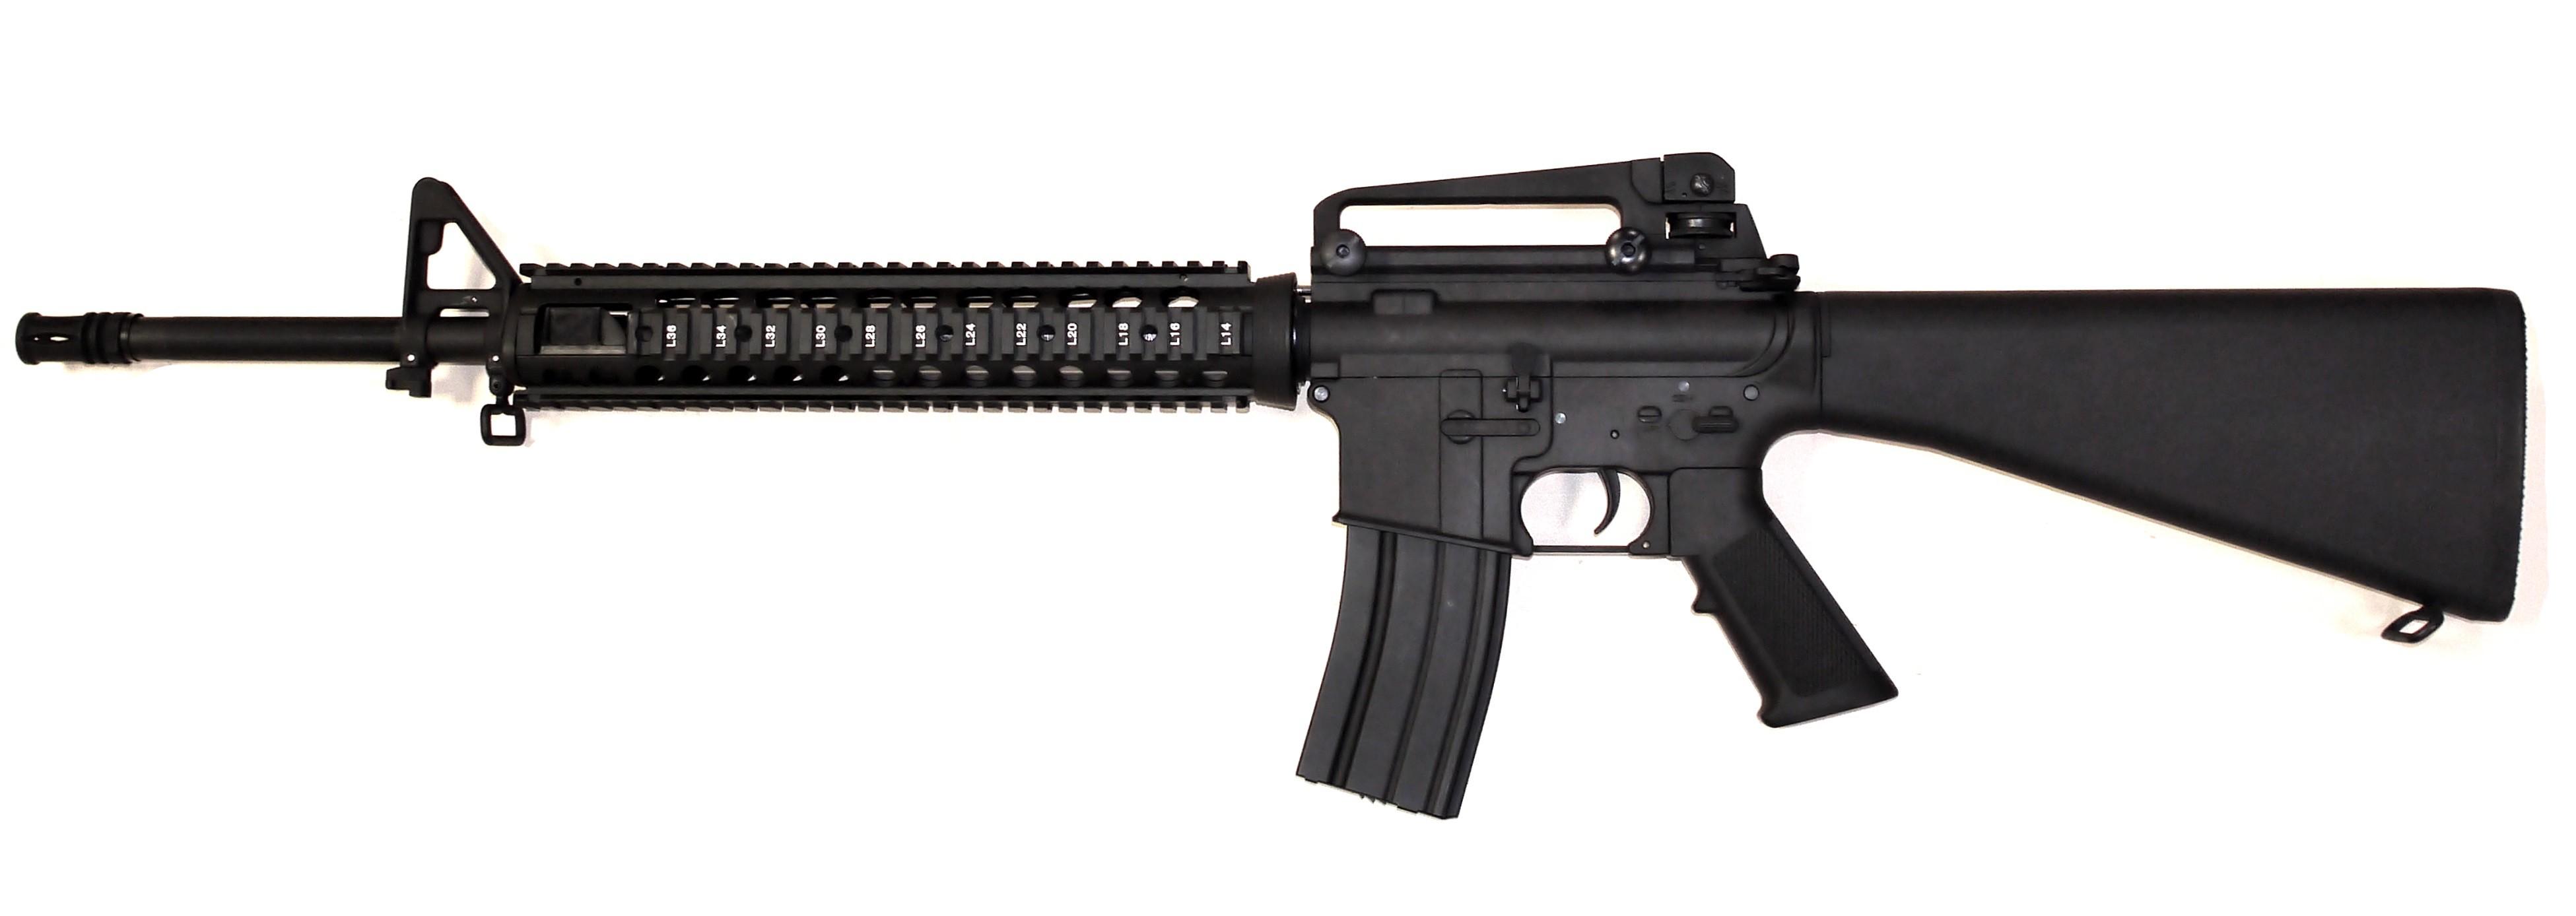 Coloriage arme m16 imprimer - Pistolet a colorier ...